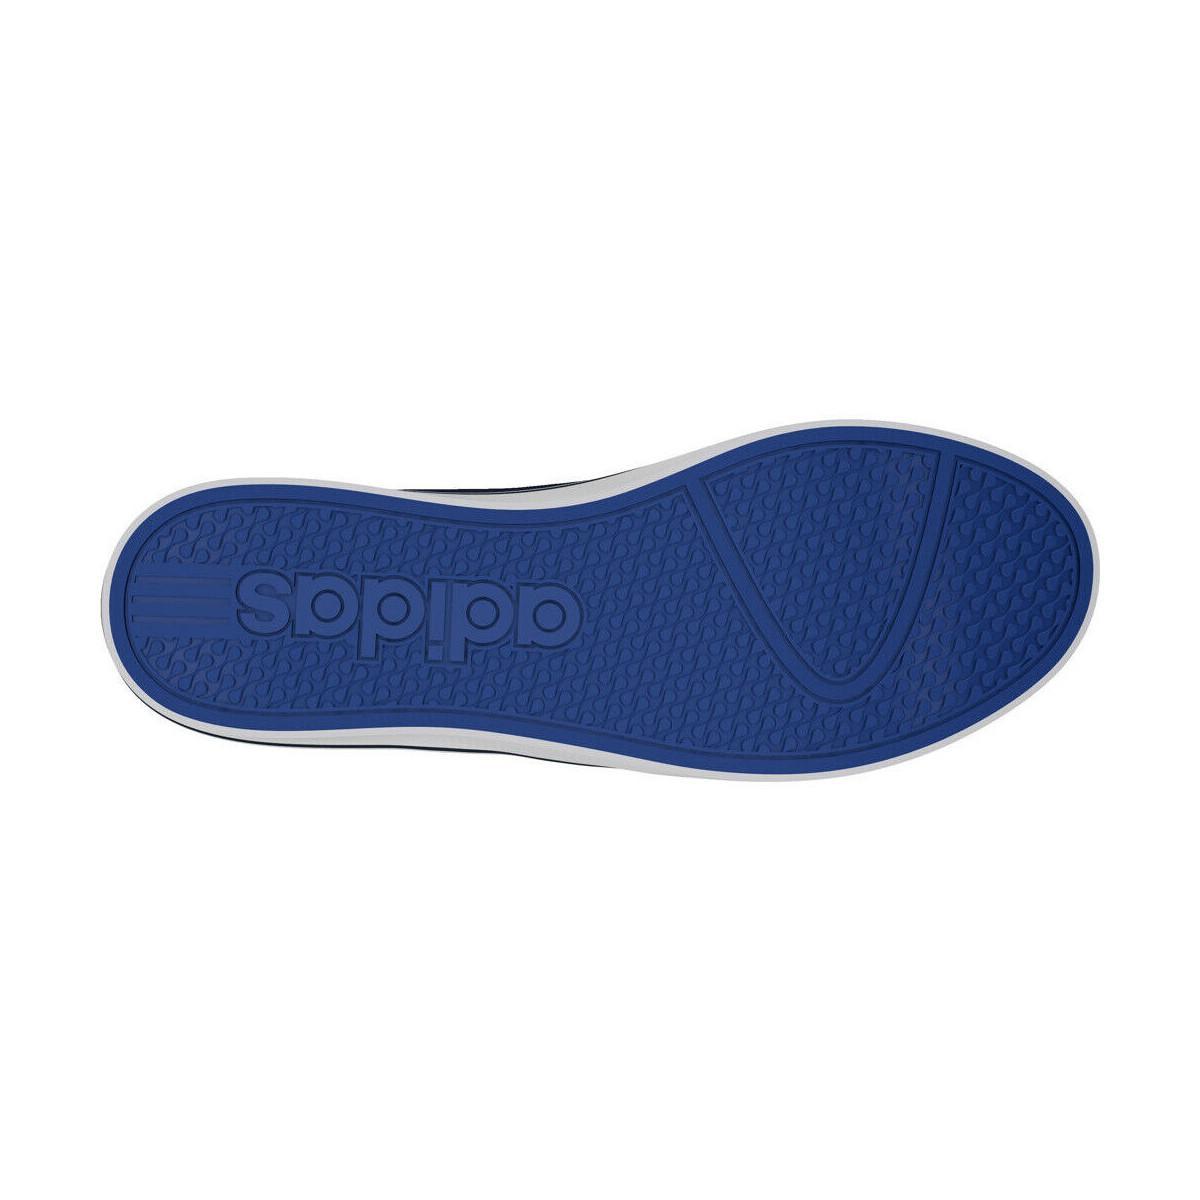 adidas Lage Sneakers Vs Pace B74493 in het Blauw voor heren